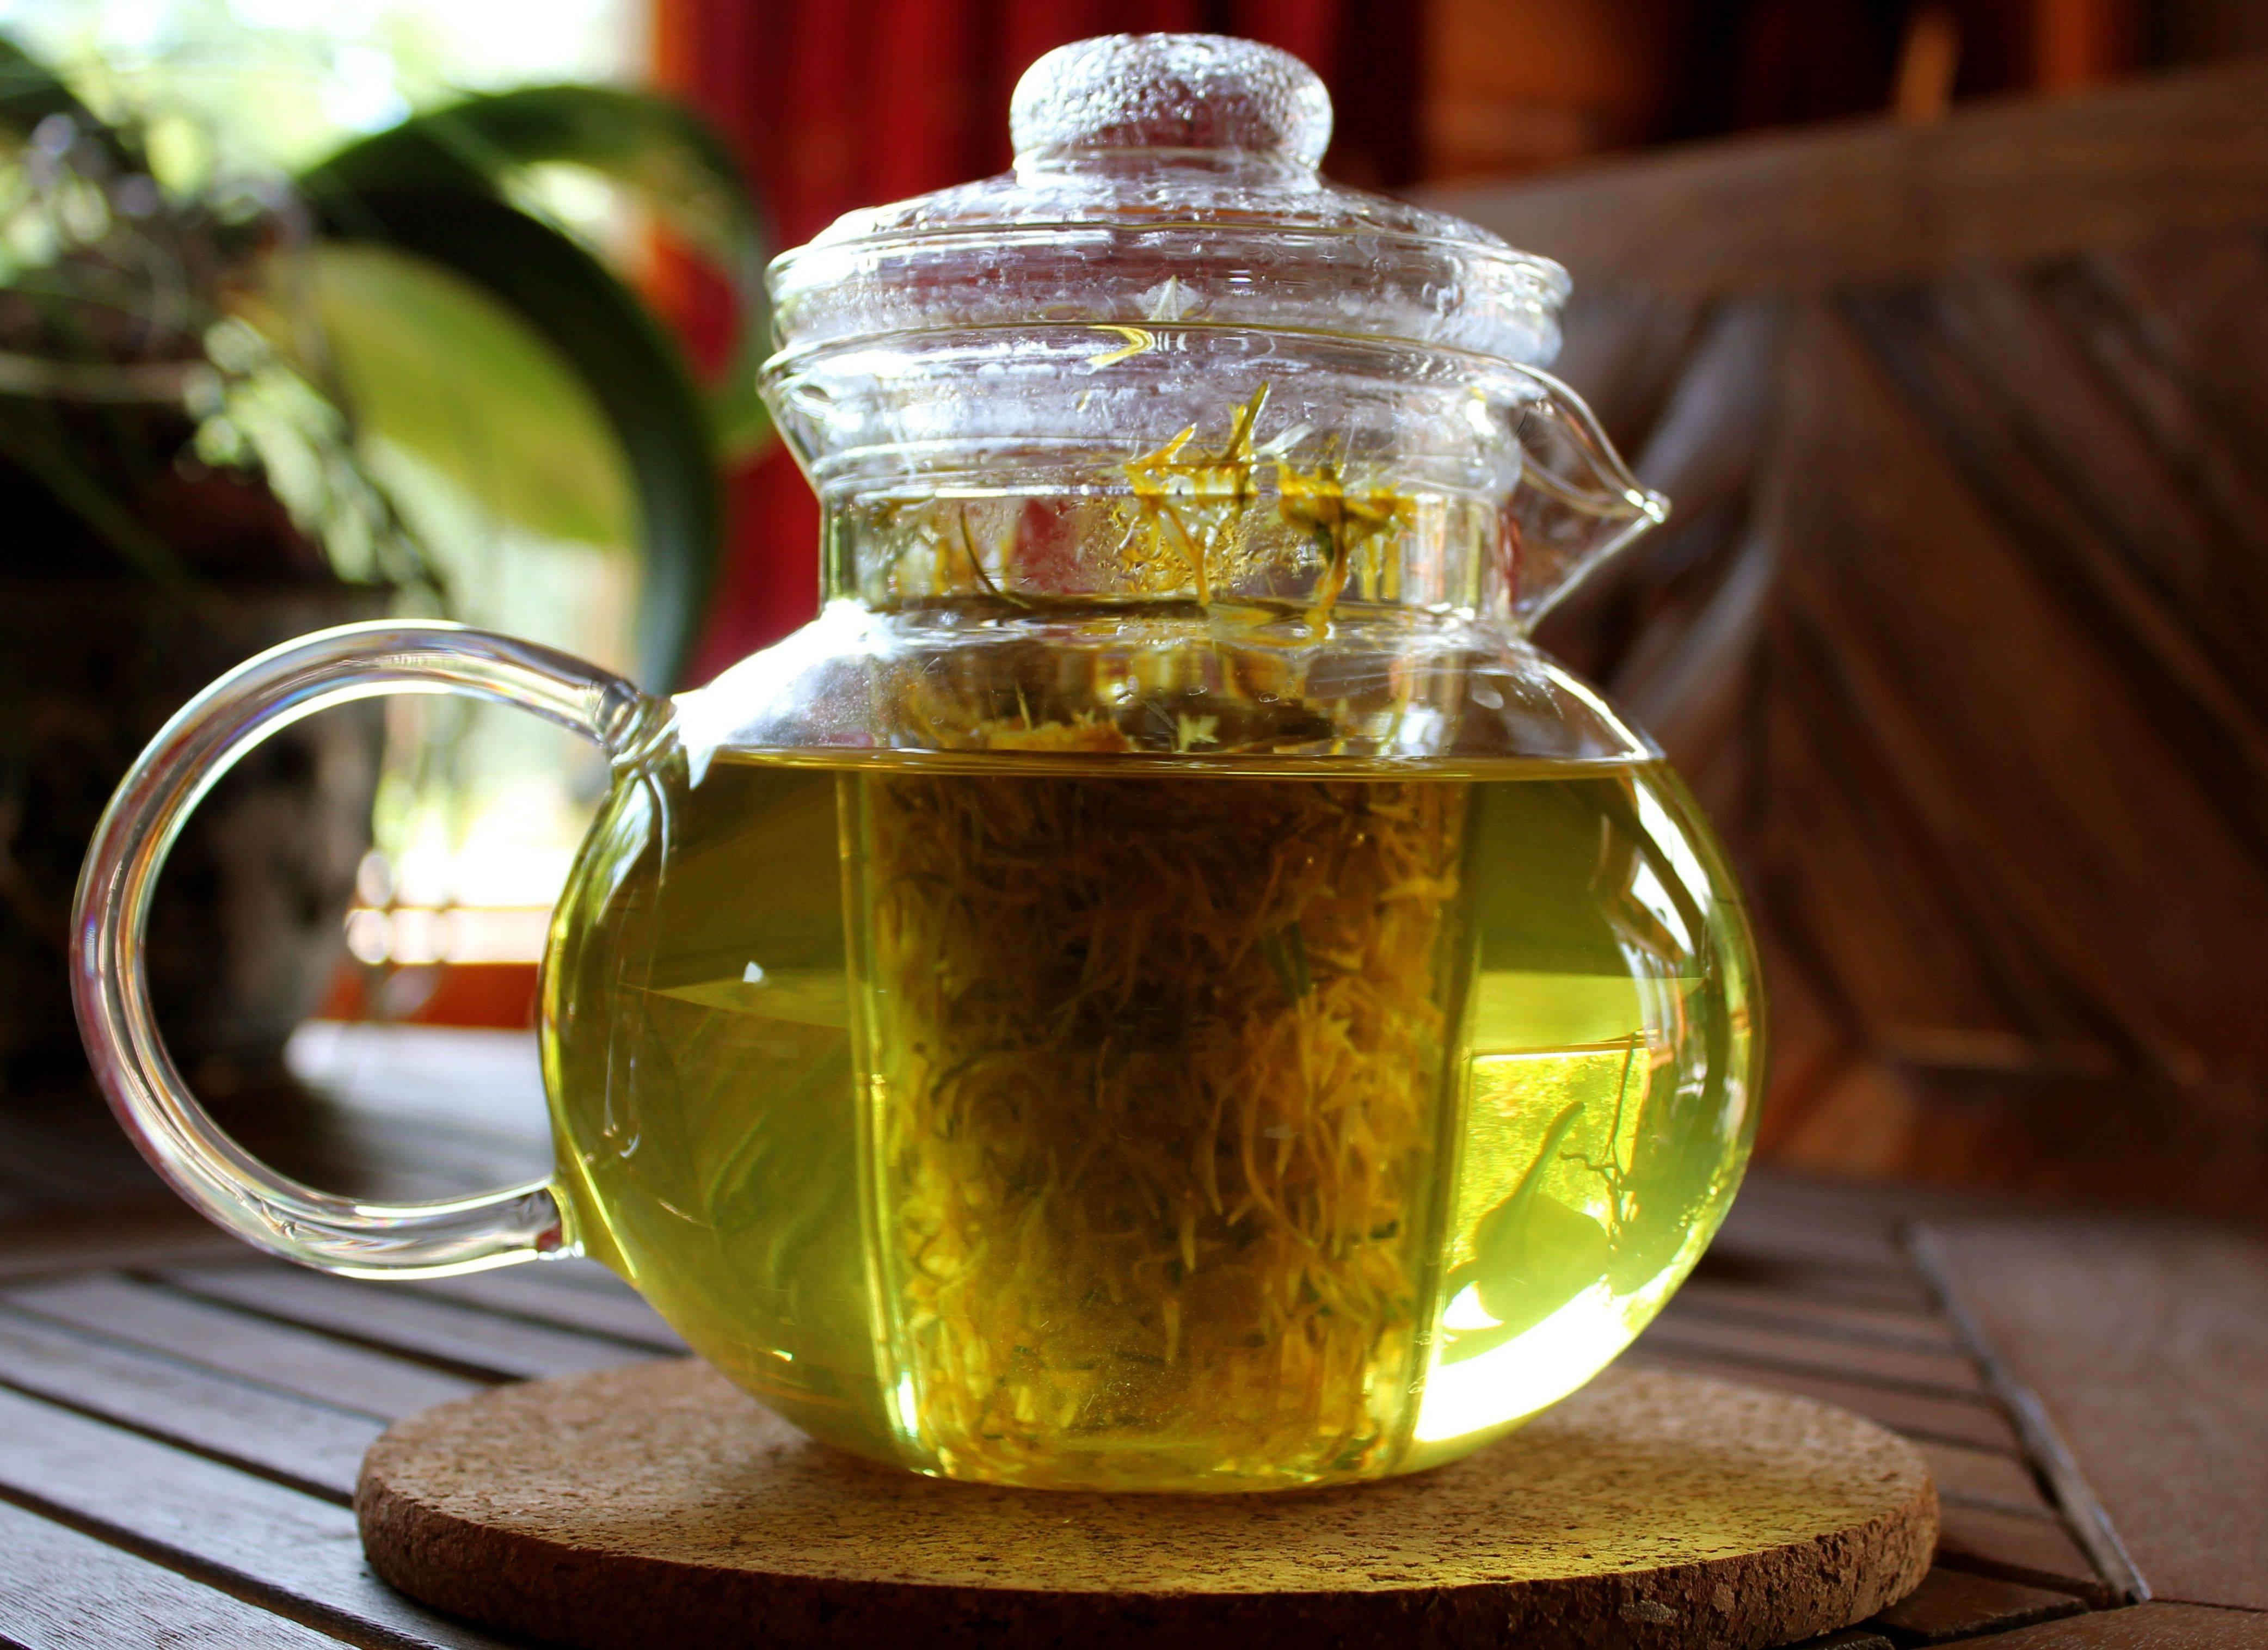 Чай с фенхелем — полезный напиток для детей и взрослых